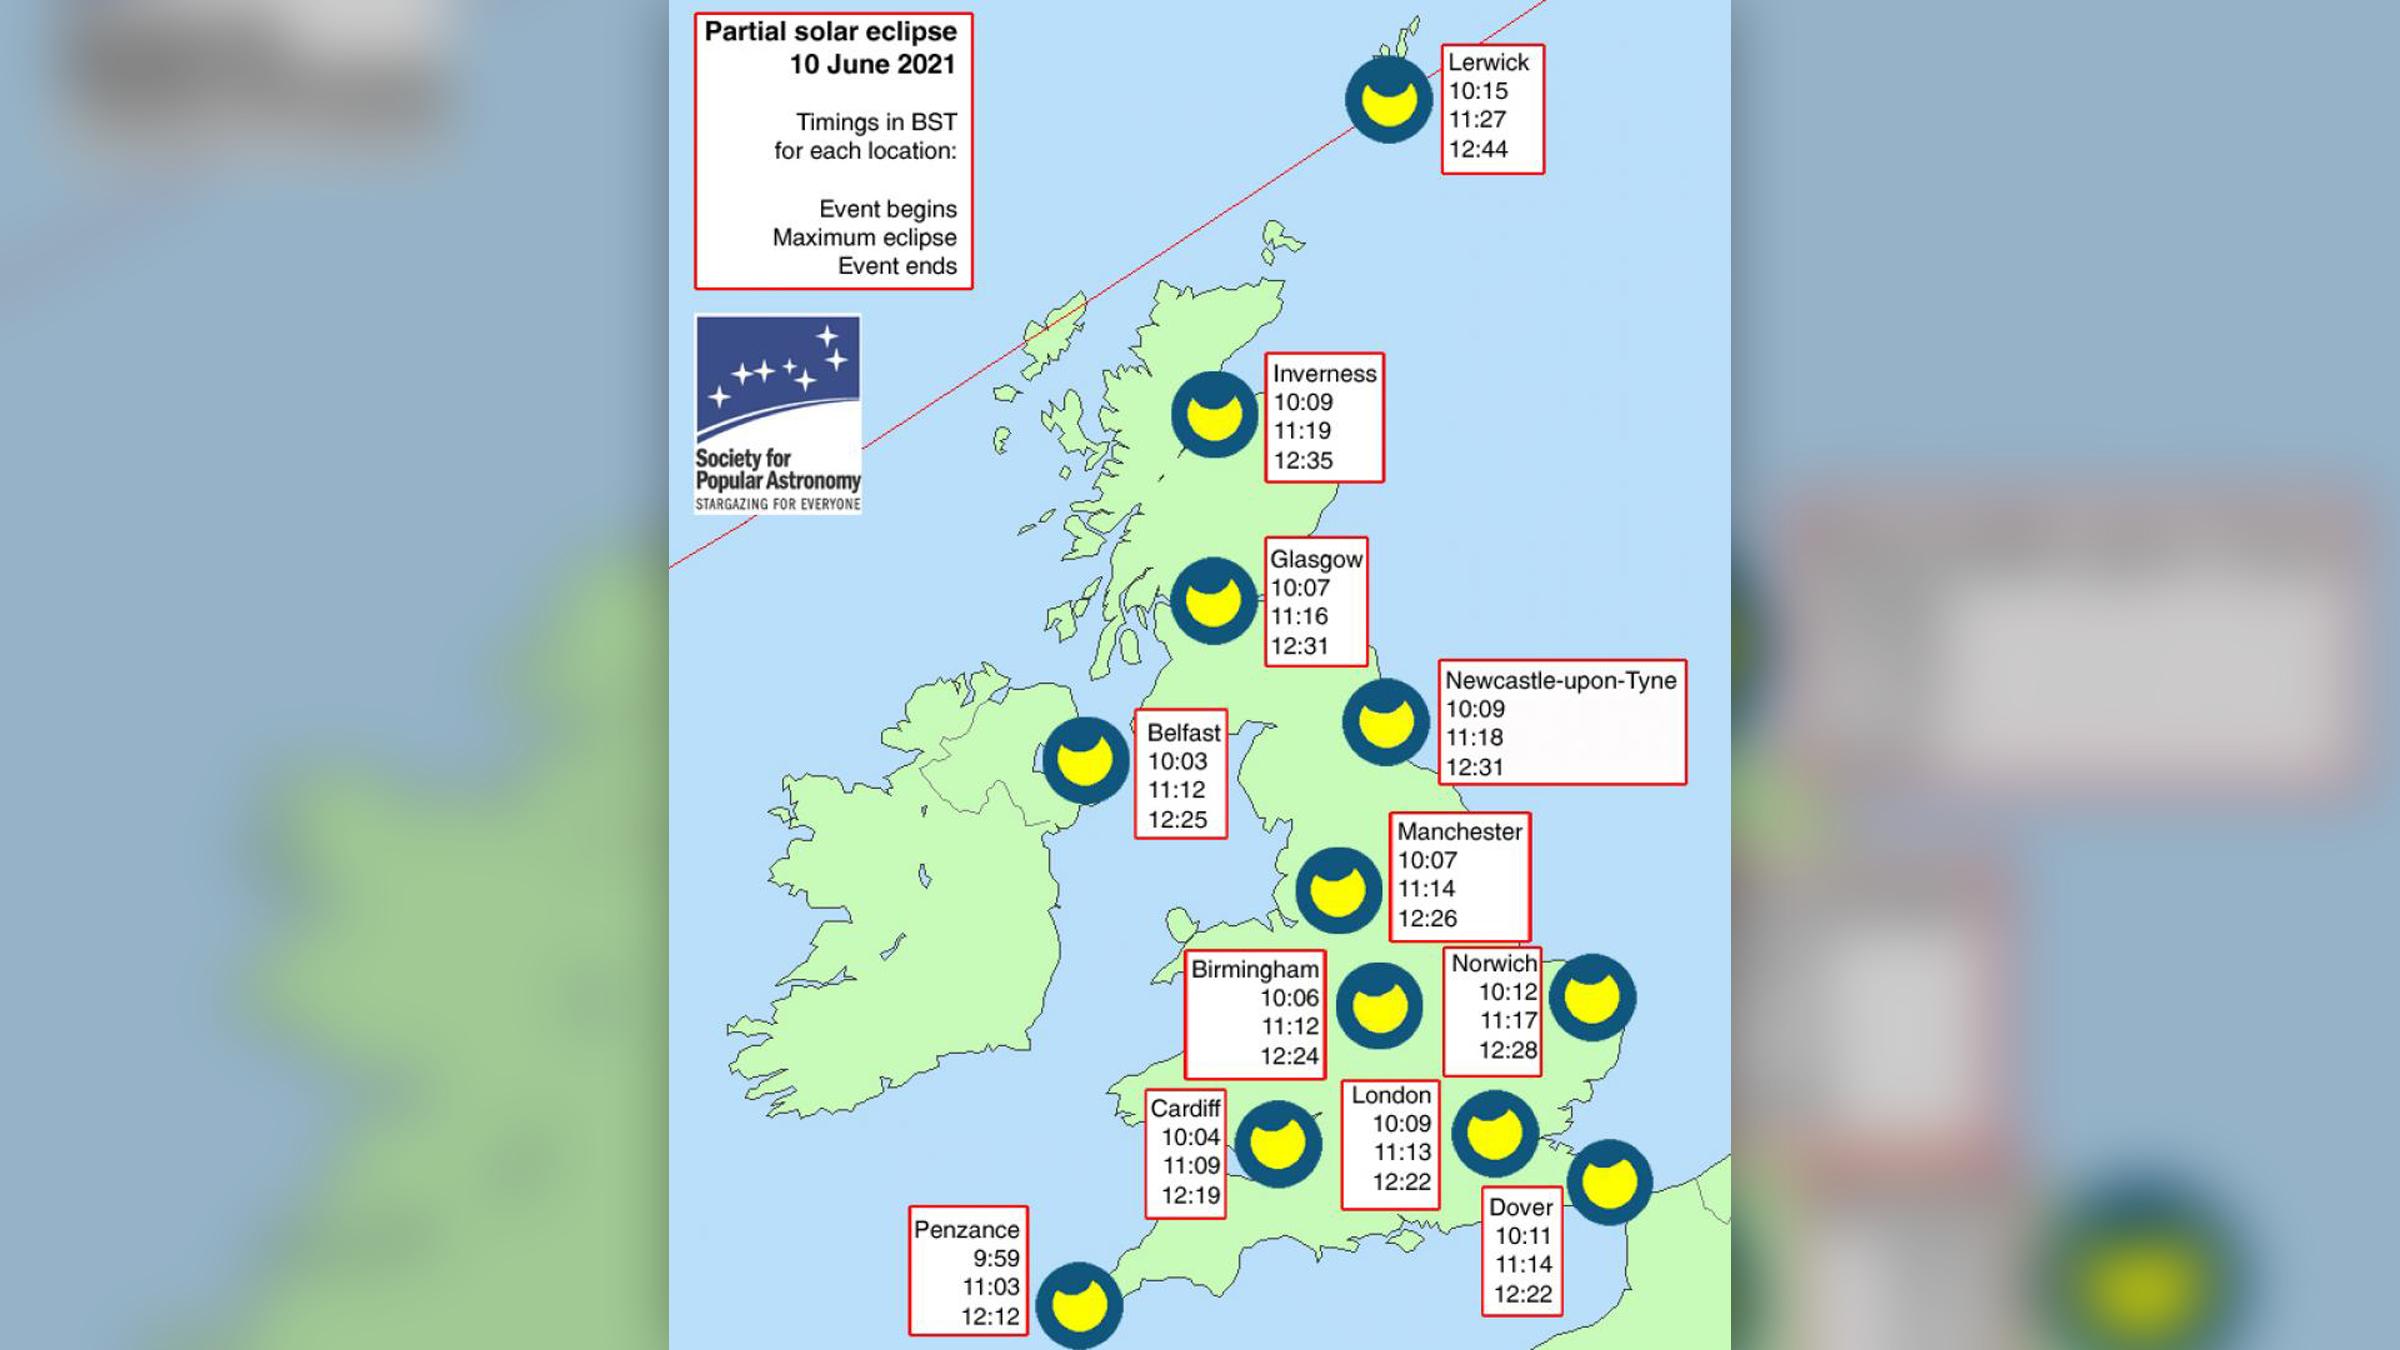 Carte du Royaume-Uni pendant l'éclipse solaire du 10 juin 2021